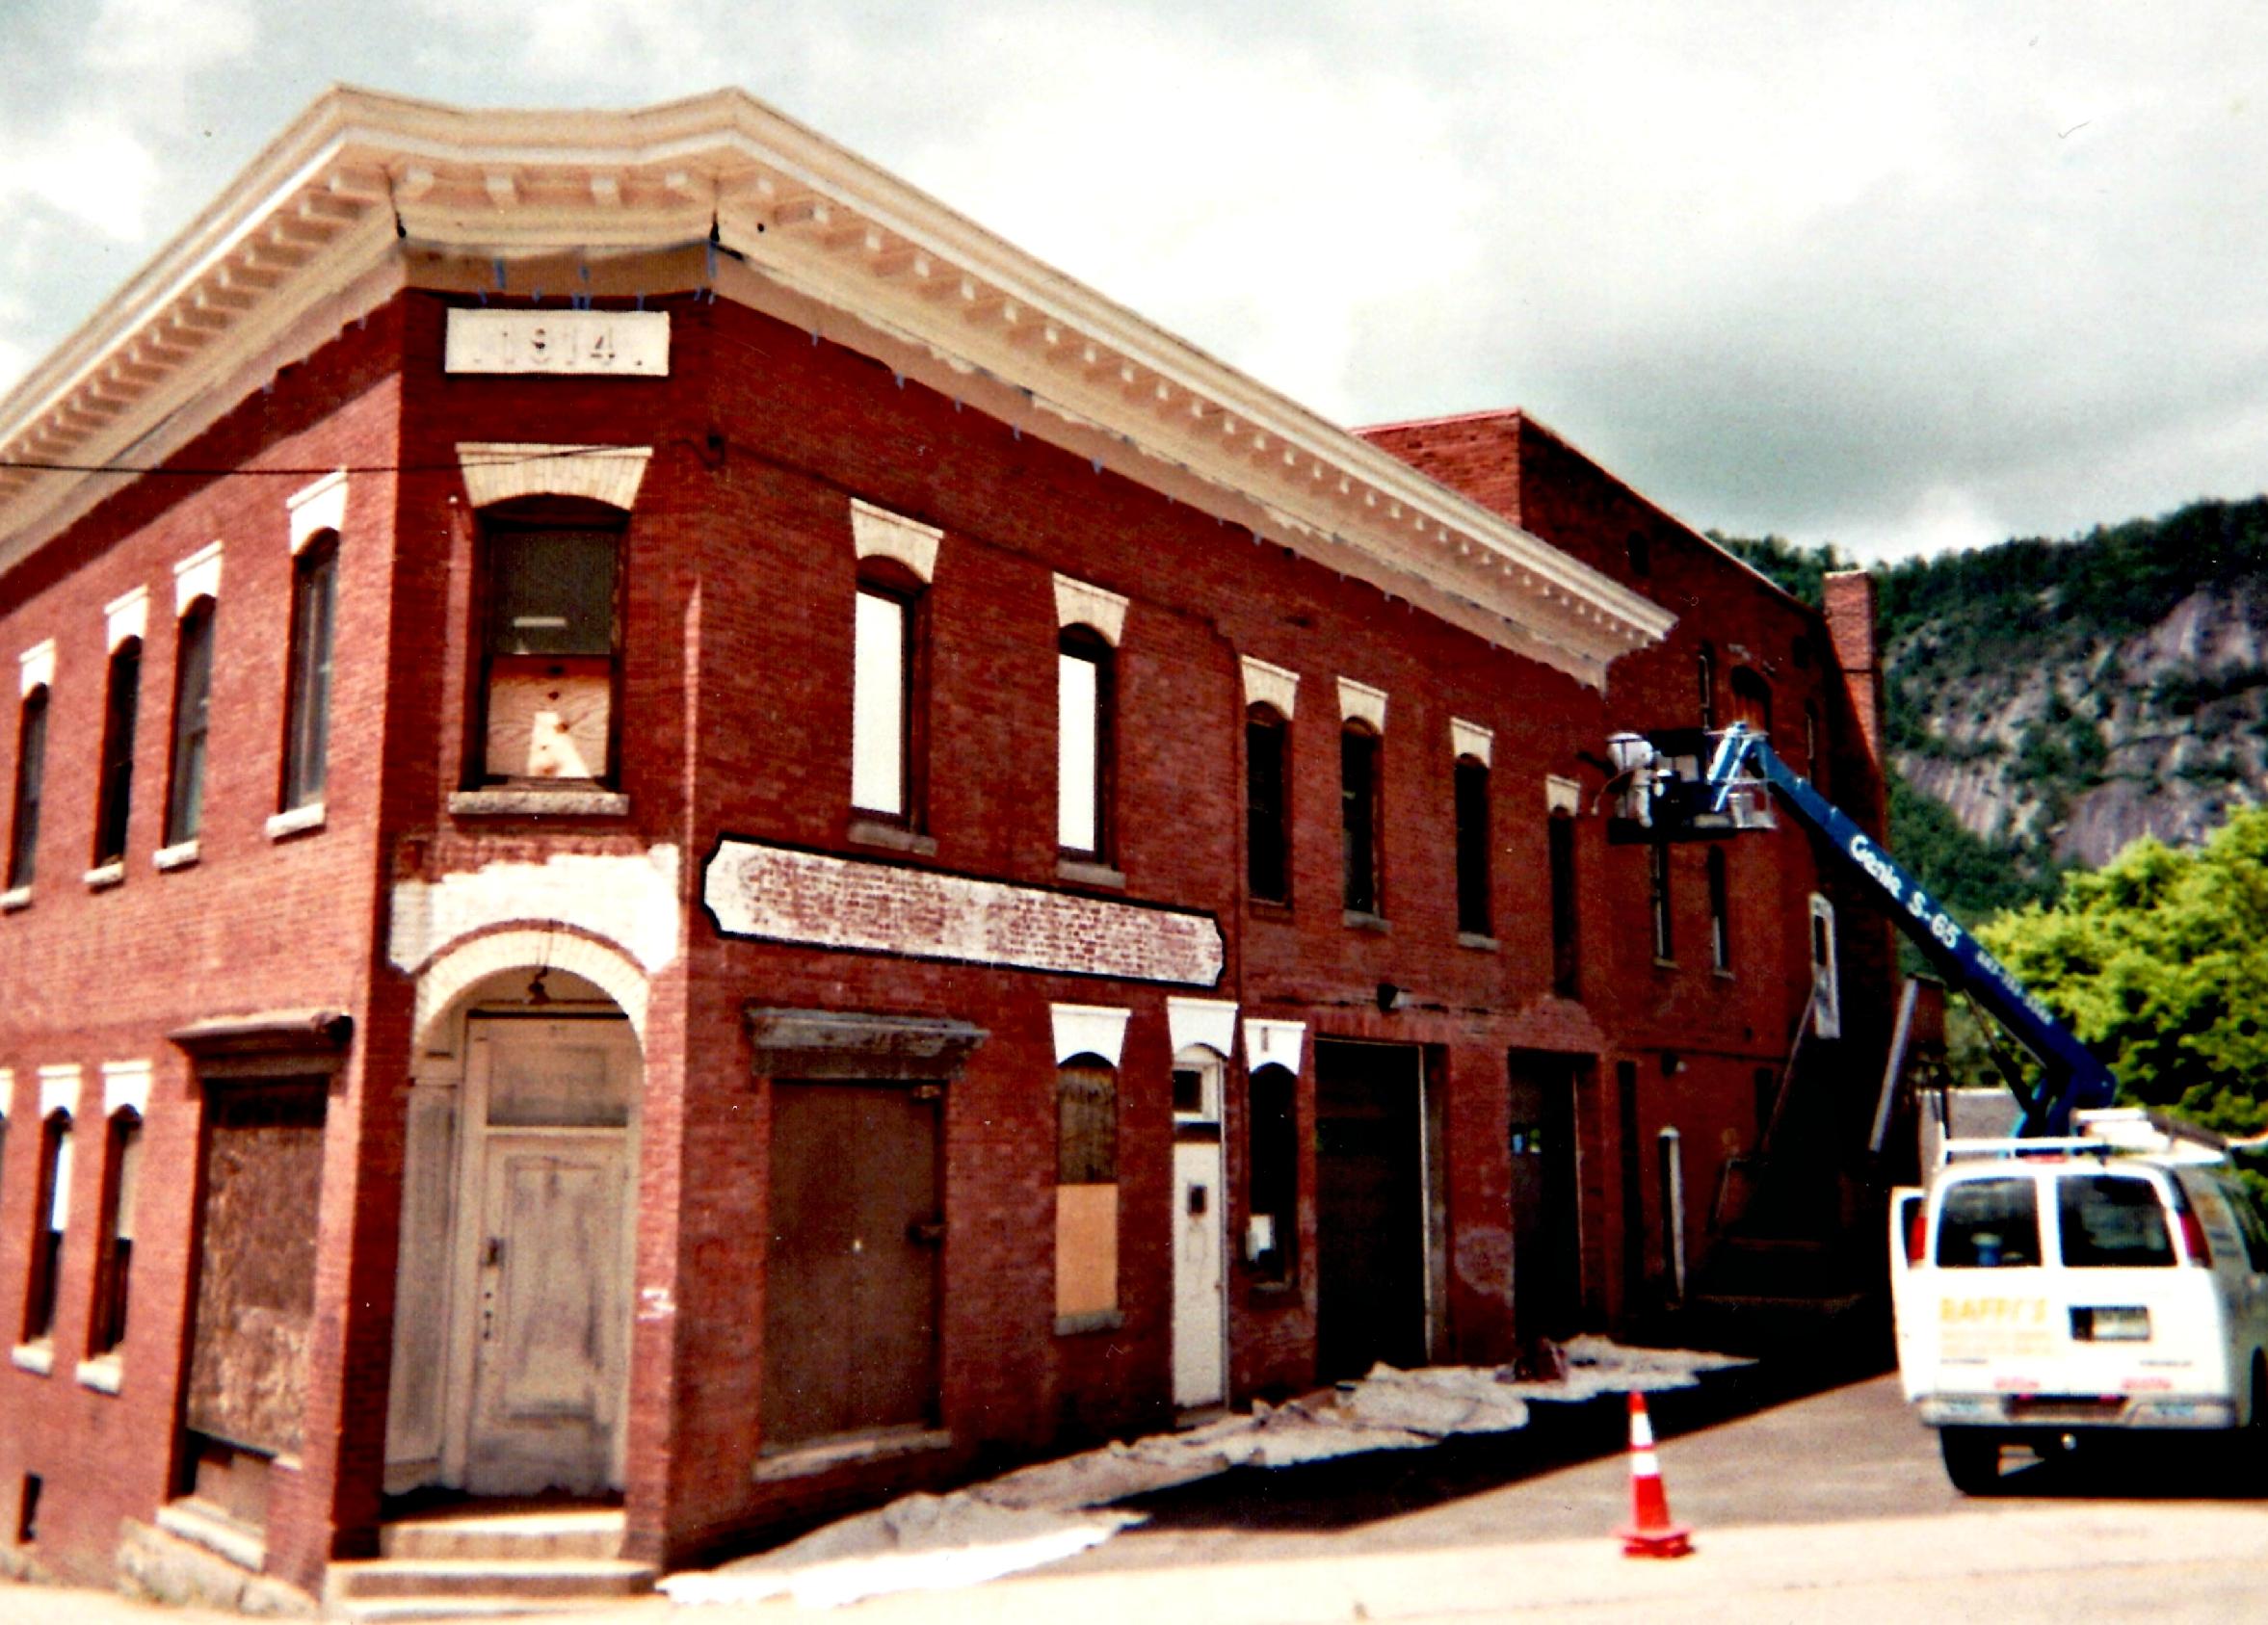 School St. Building